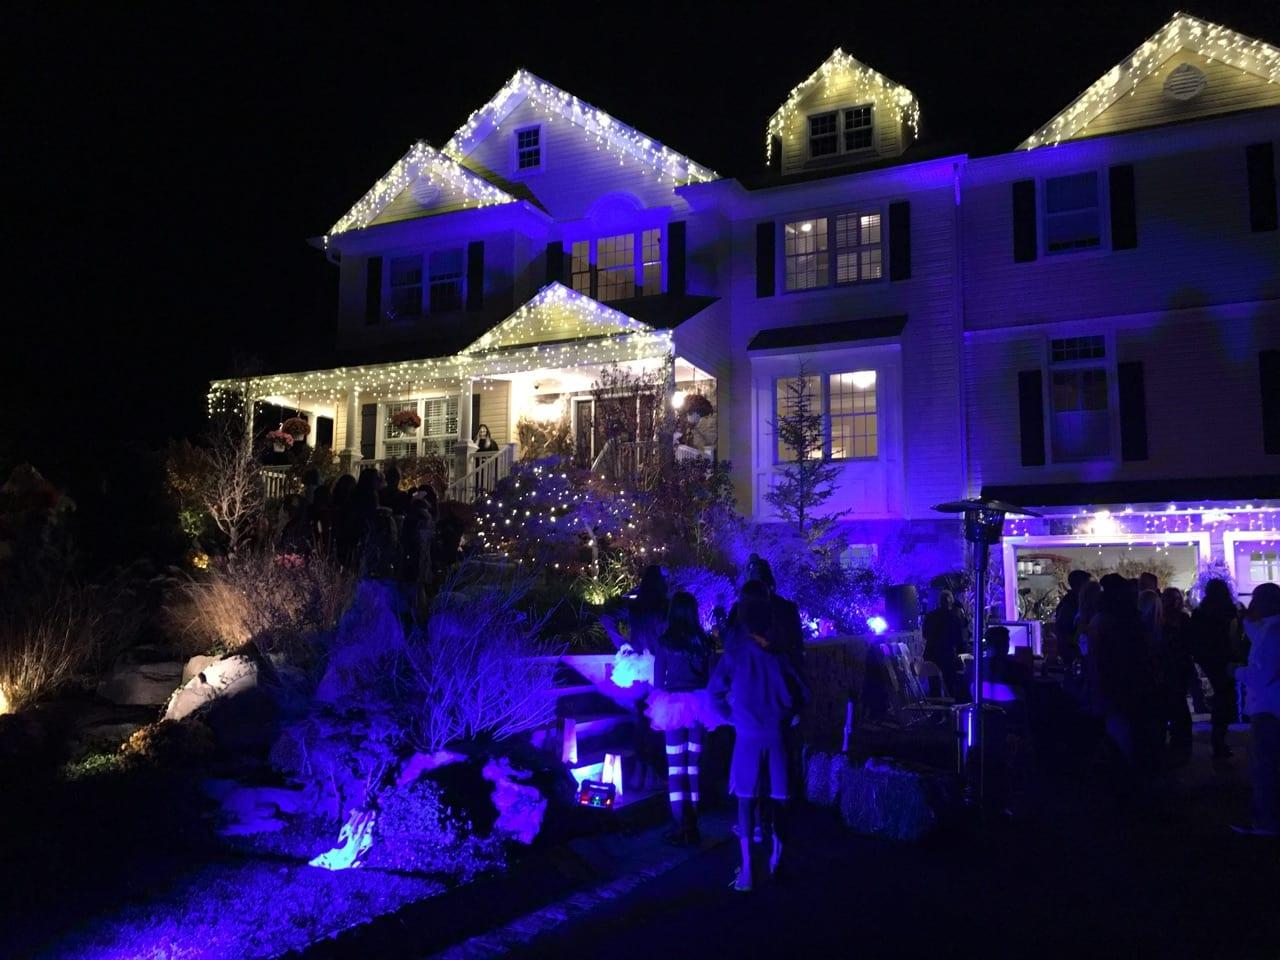 eme uplight house